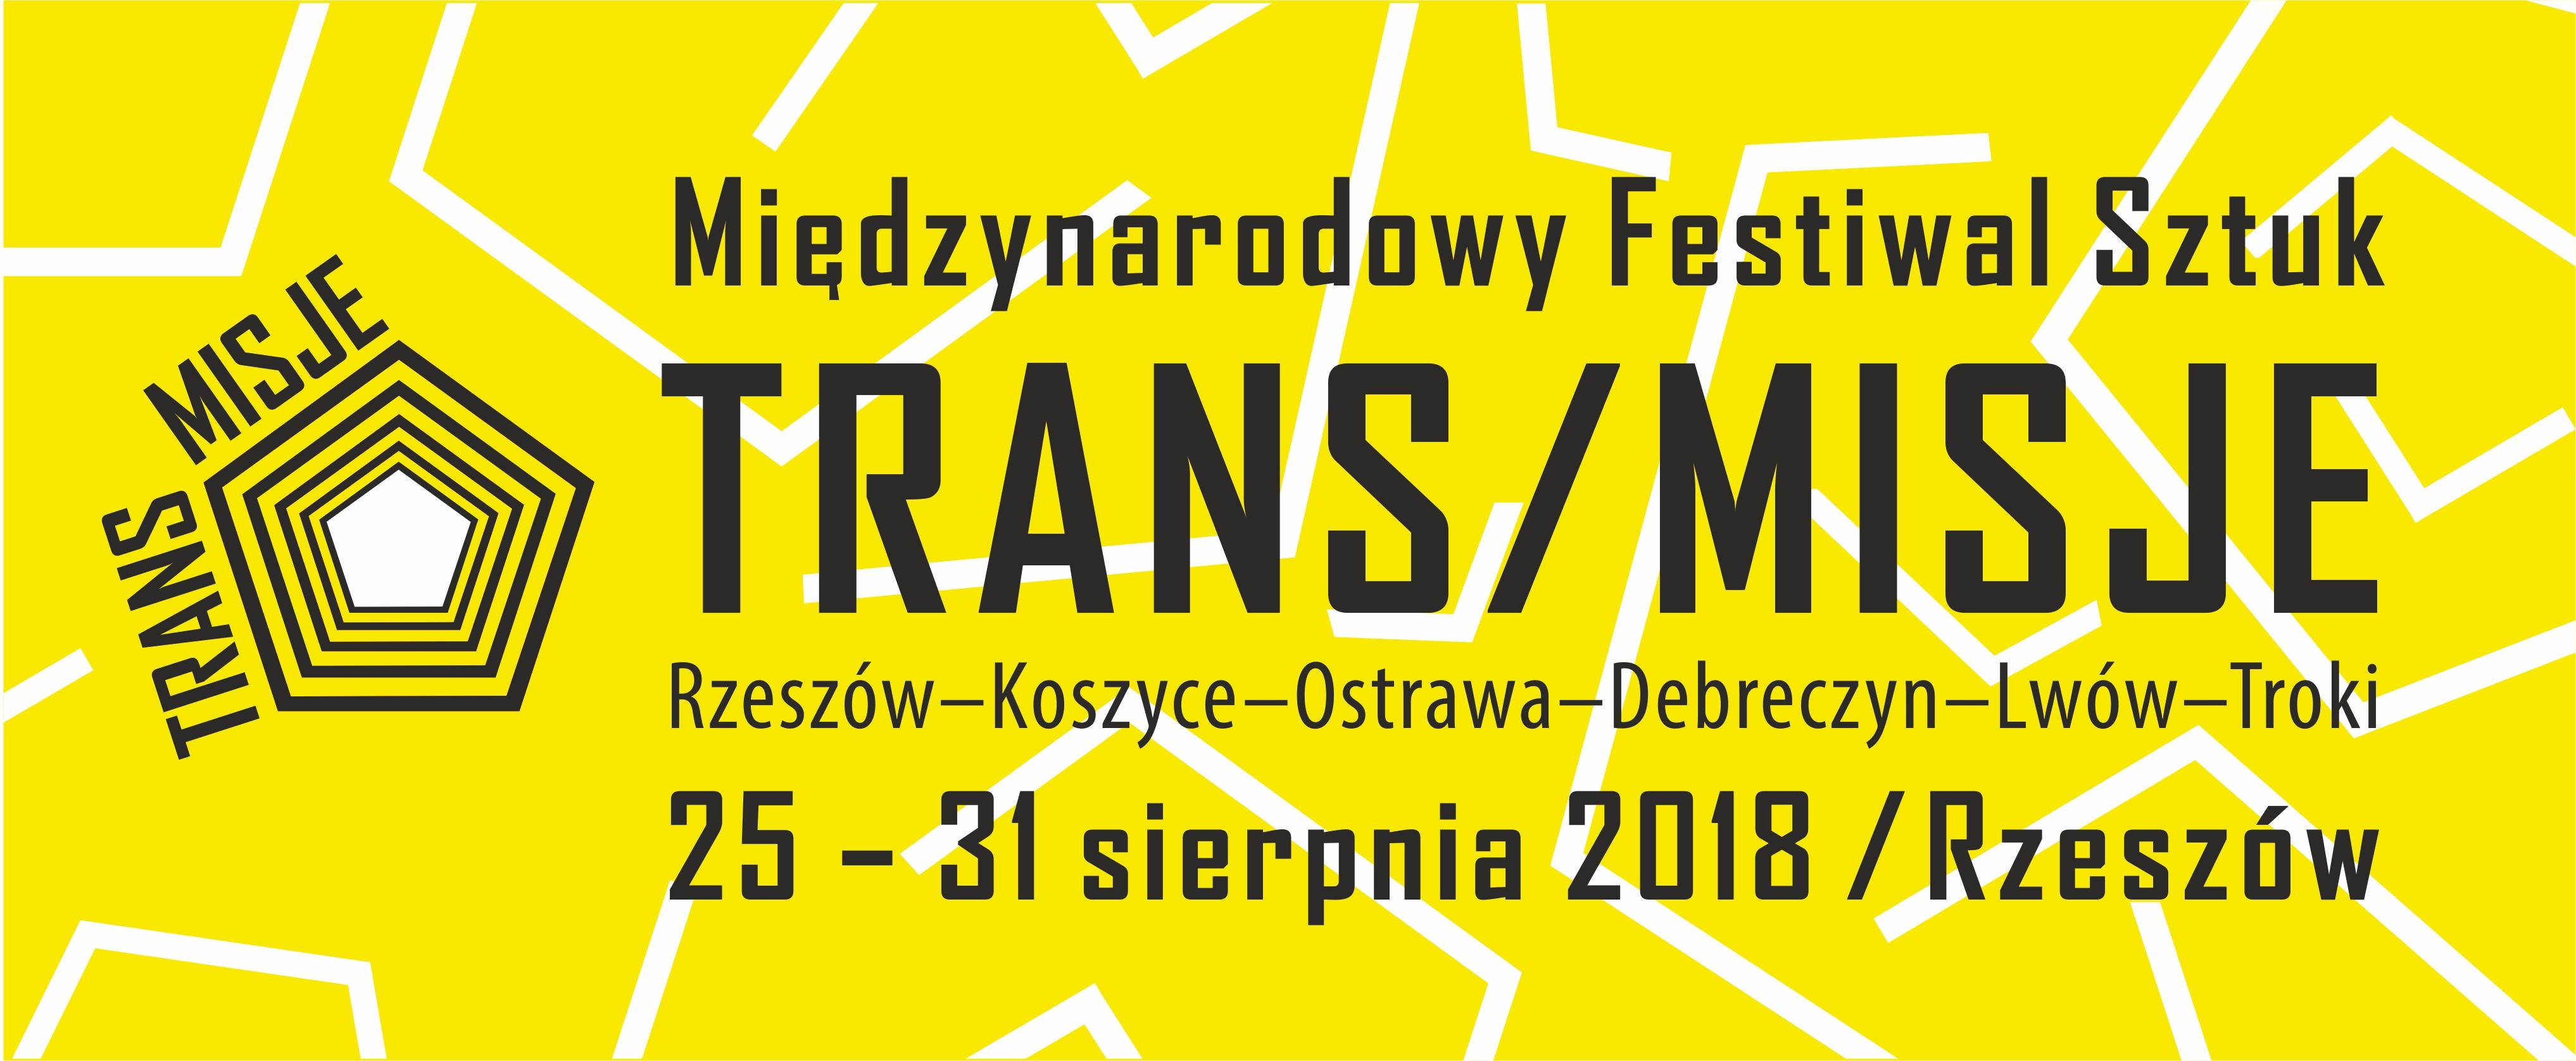 Rzeszowski Magazym Day&Night pisze o TRANS/MISJACH!